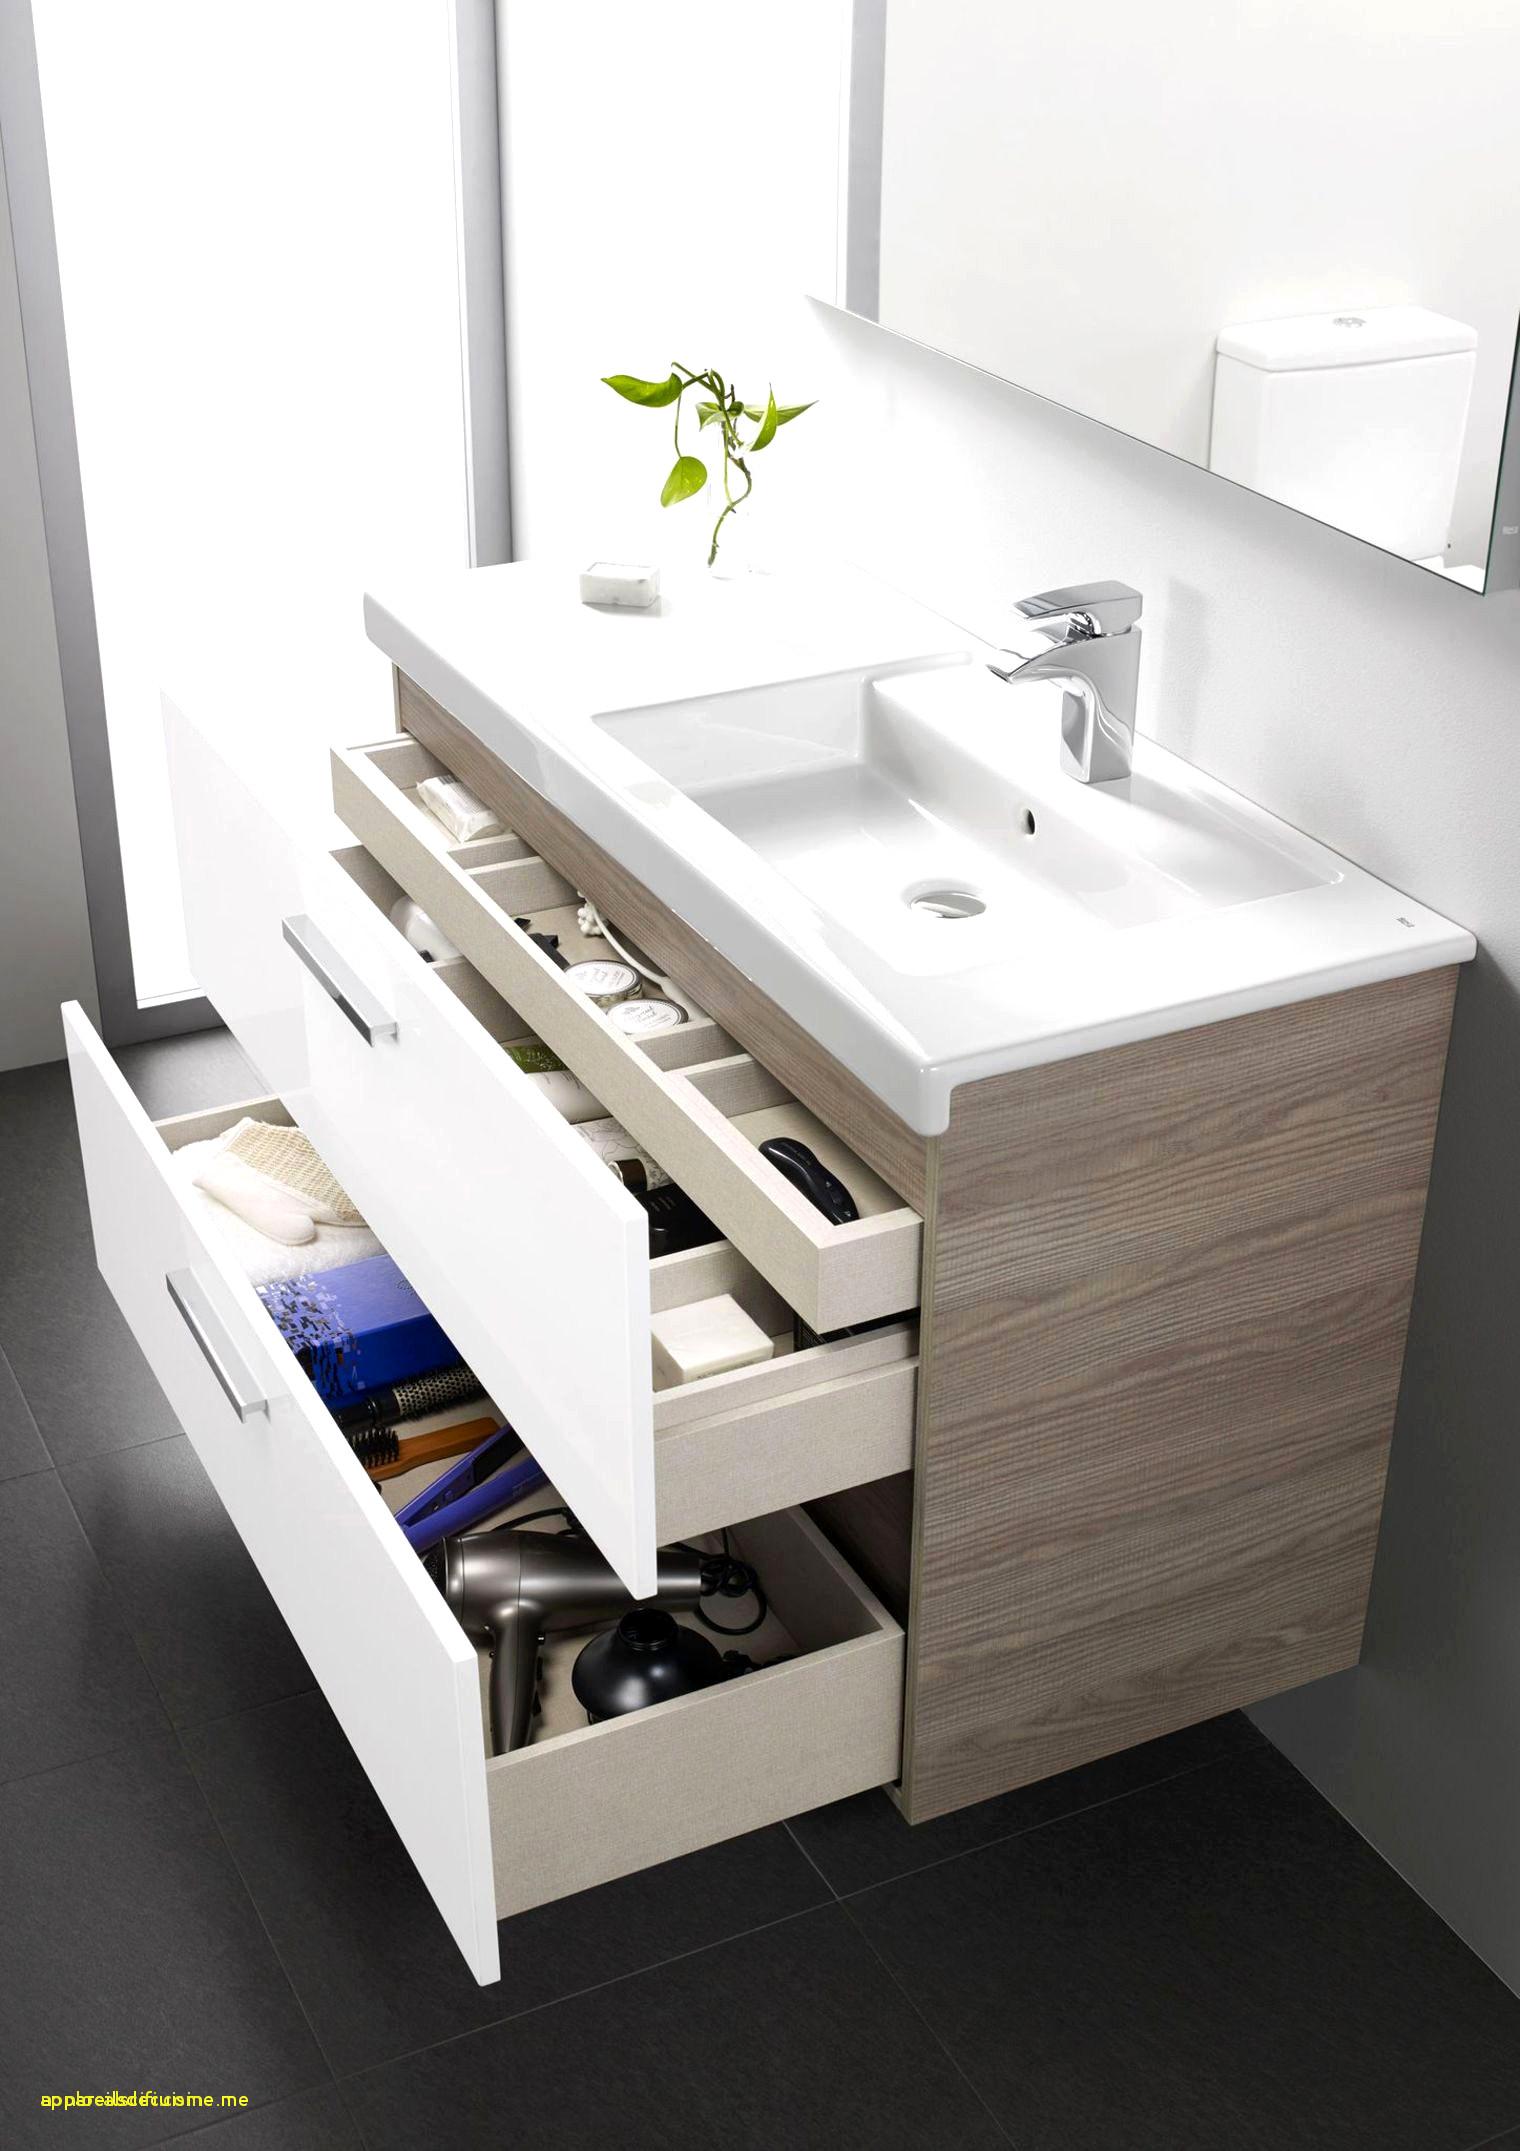 Ikea Salle De Bains Luxe Image Résultat Supérieur 100 Beau Evier Meuble Salle De Bain Graphie